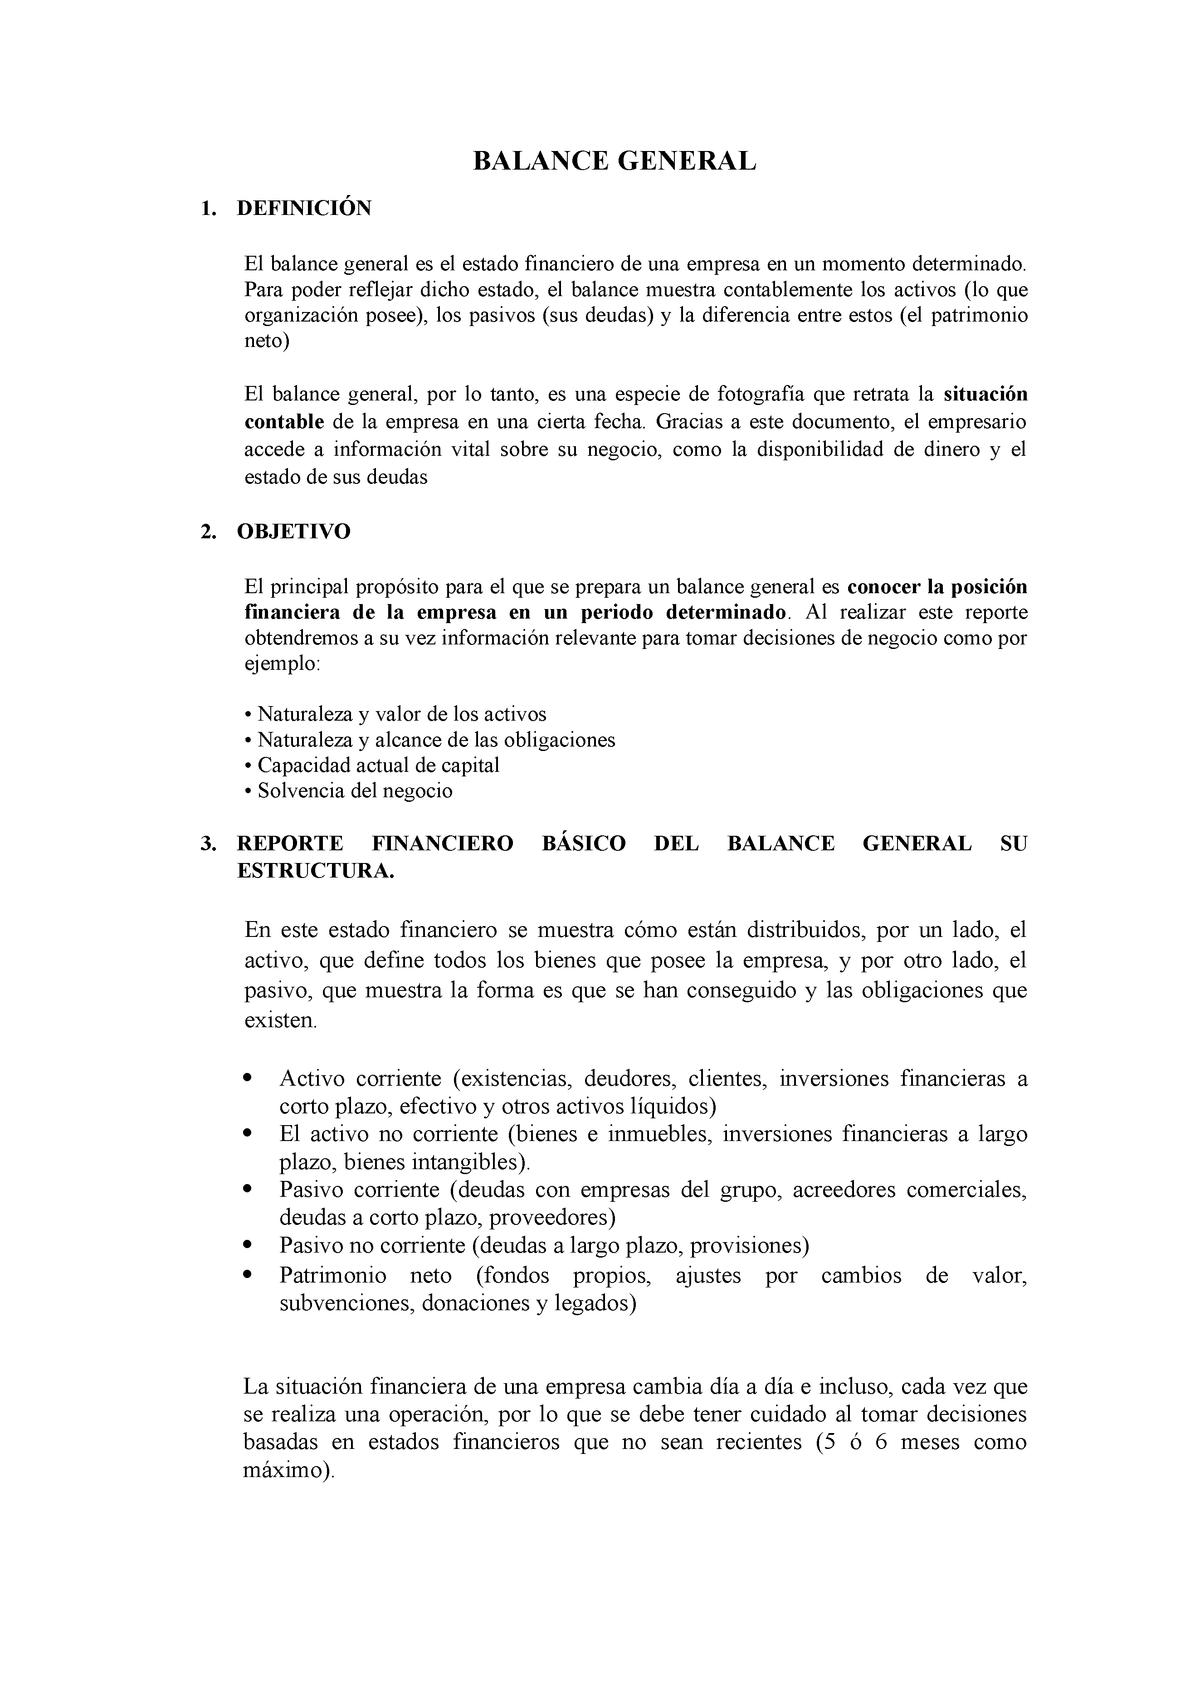 Balance General 220 Aplicación De La Teoría Mas La Breve